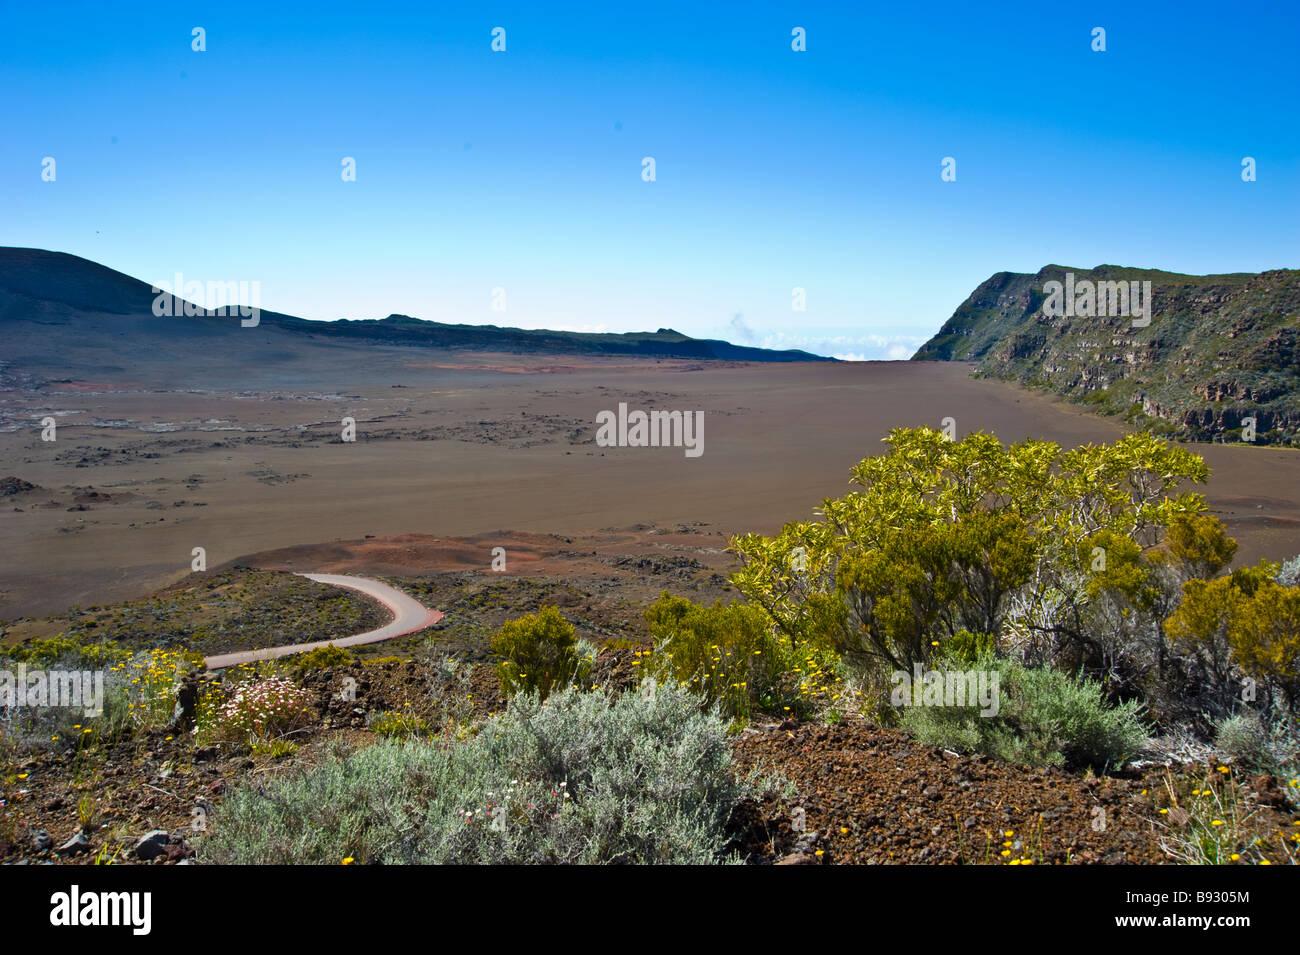 Caldera, active volcano Piton de la Fournaise, La Réunion, France | Krater des Vulkans Piton de La Fournaise, - Stock Image